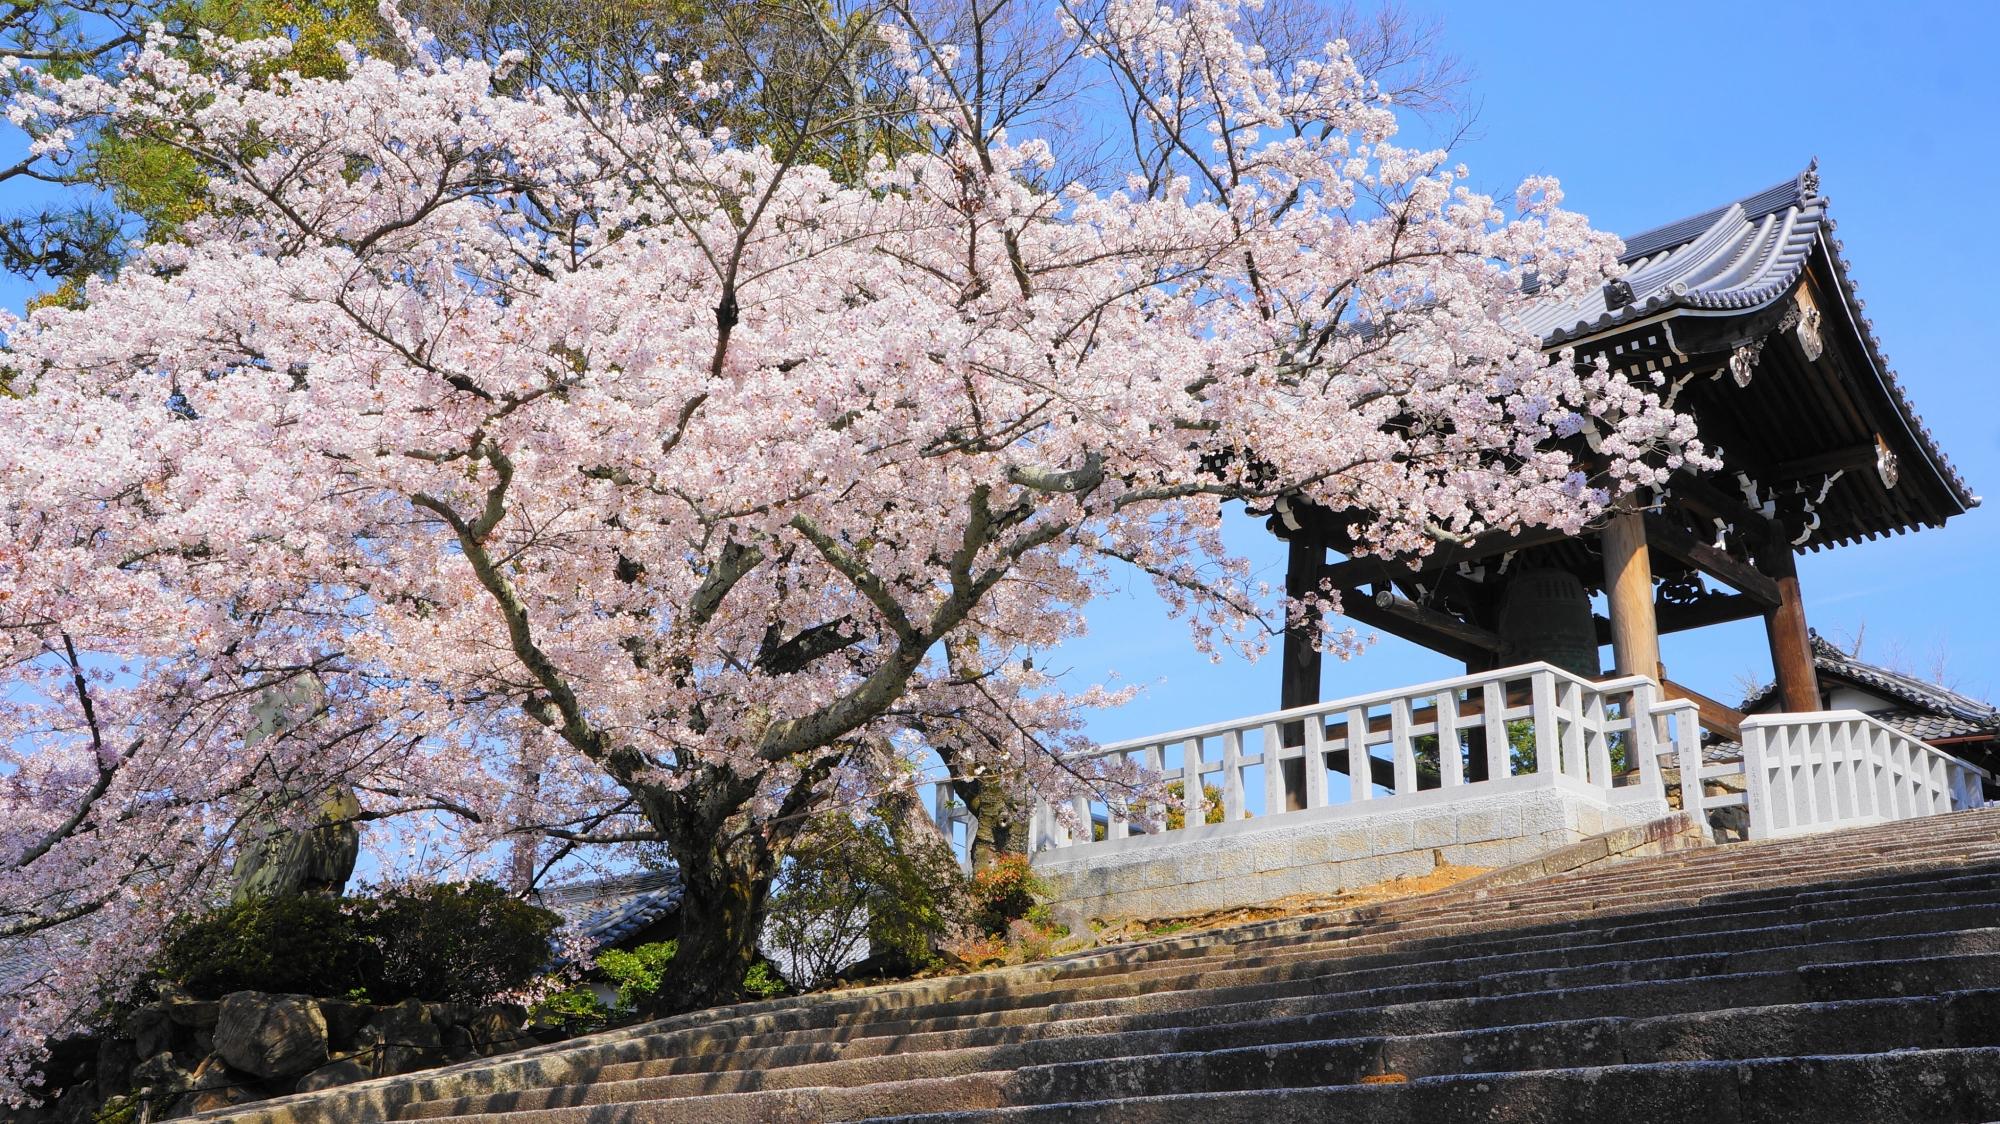 金戒光明寺の鐘楼と桜